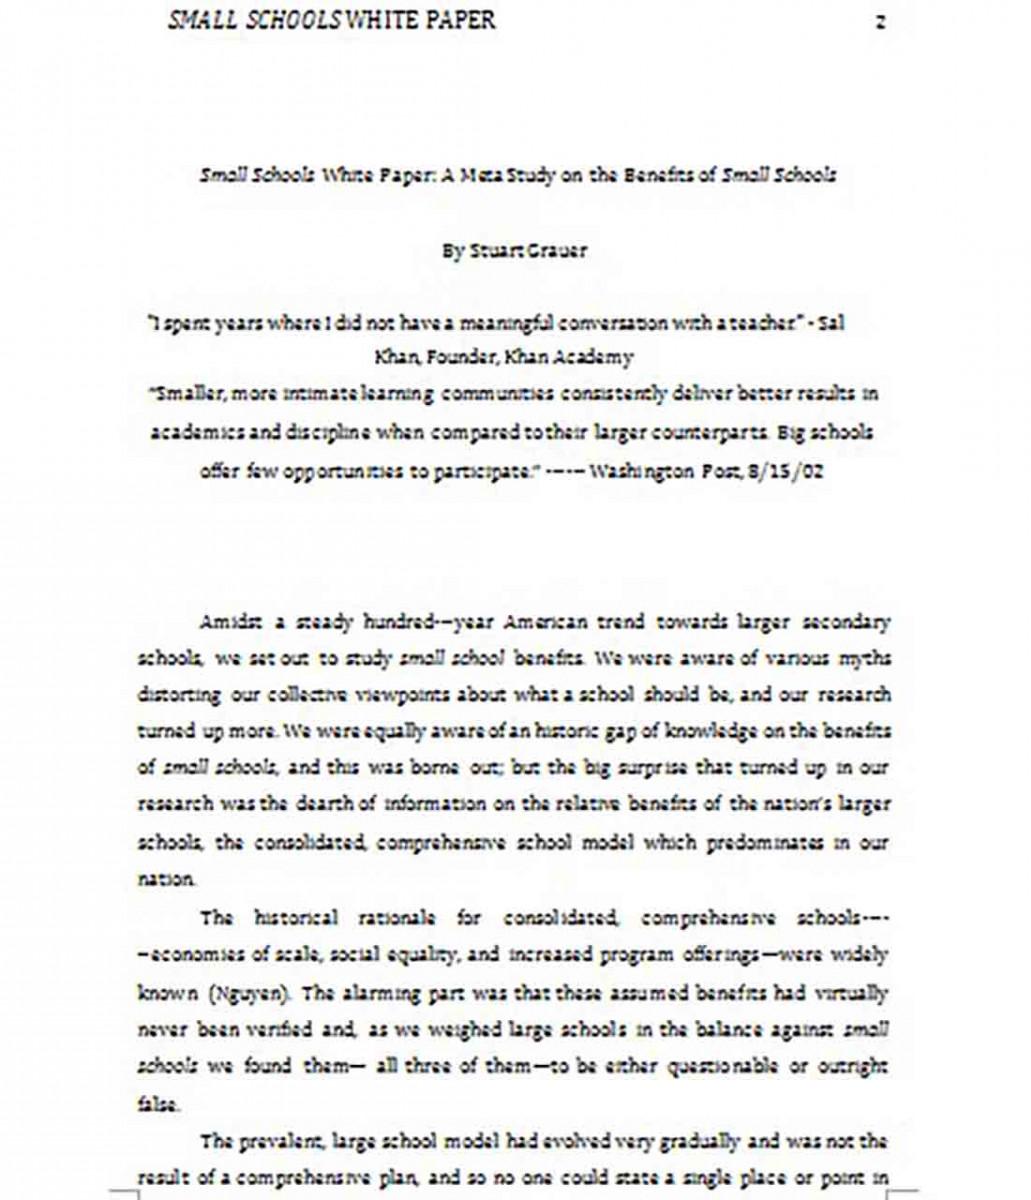 Small School White Paper